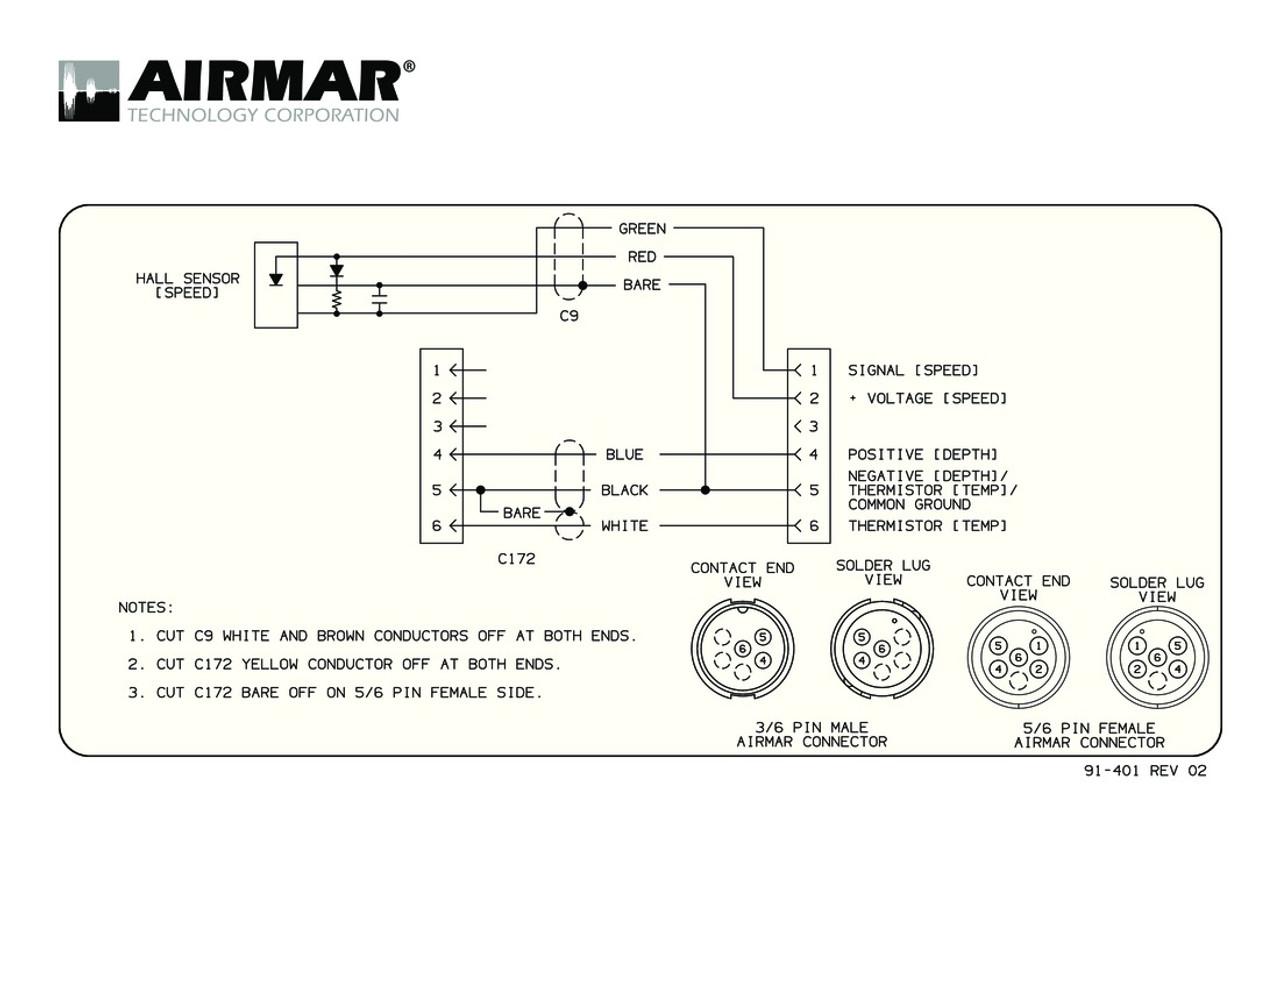 hight resolution of garmin fish finder wiring diagram wiring library garmin fish finder wiring diagram